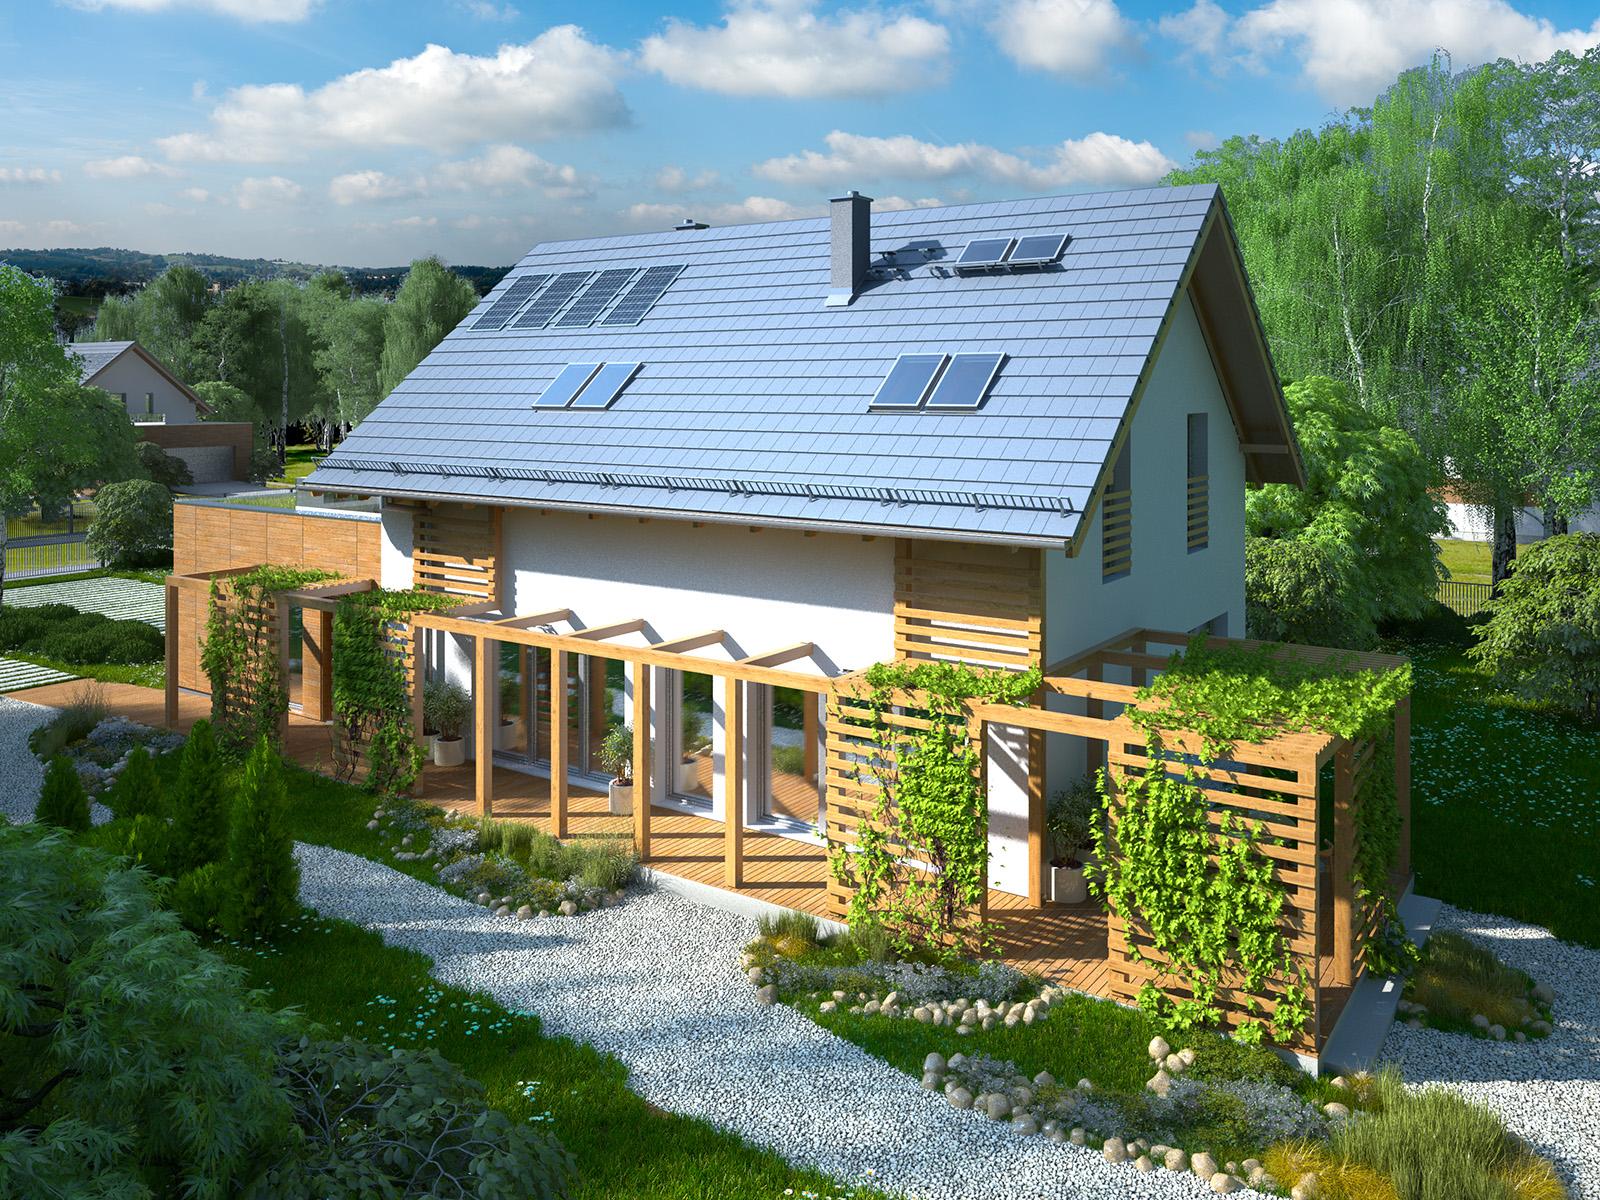 Projekt domu CZWÓRKA Domy Czystej Energii widok od frontu